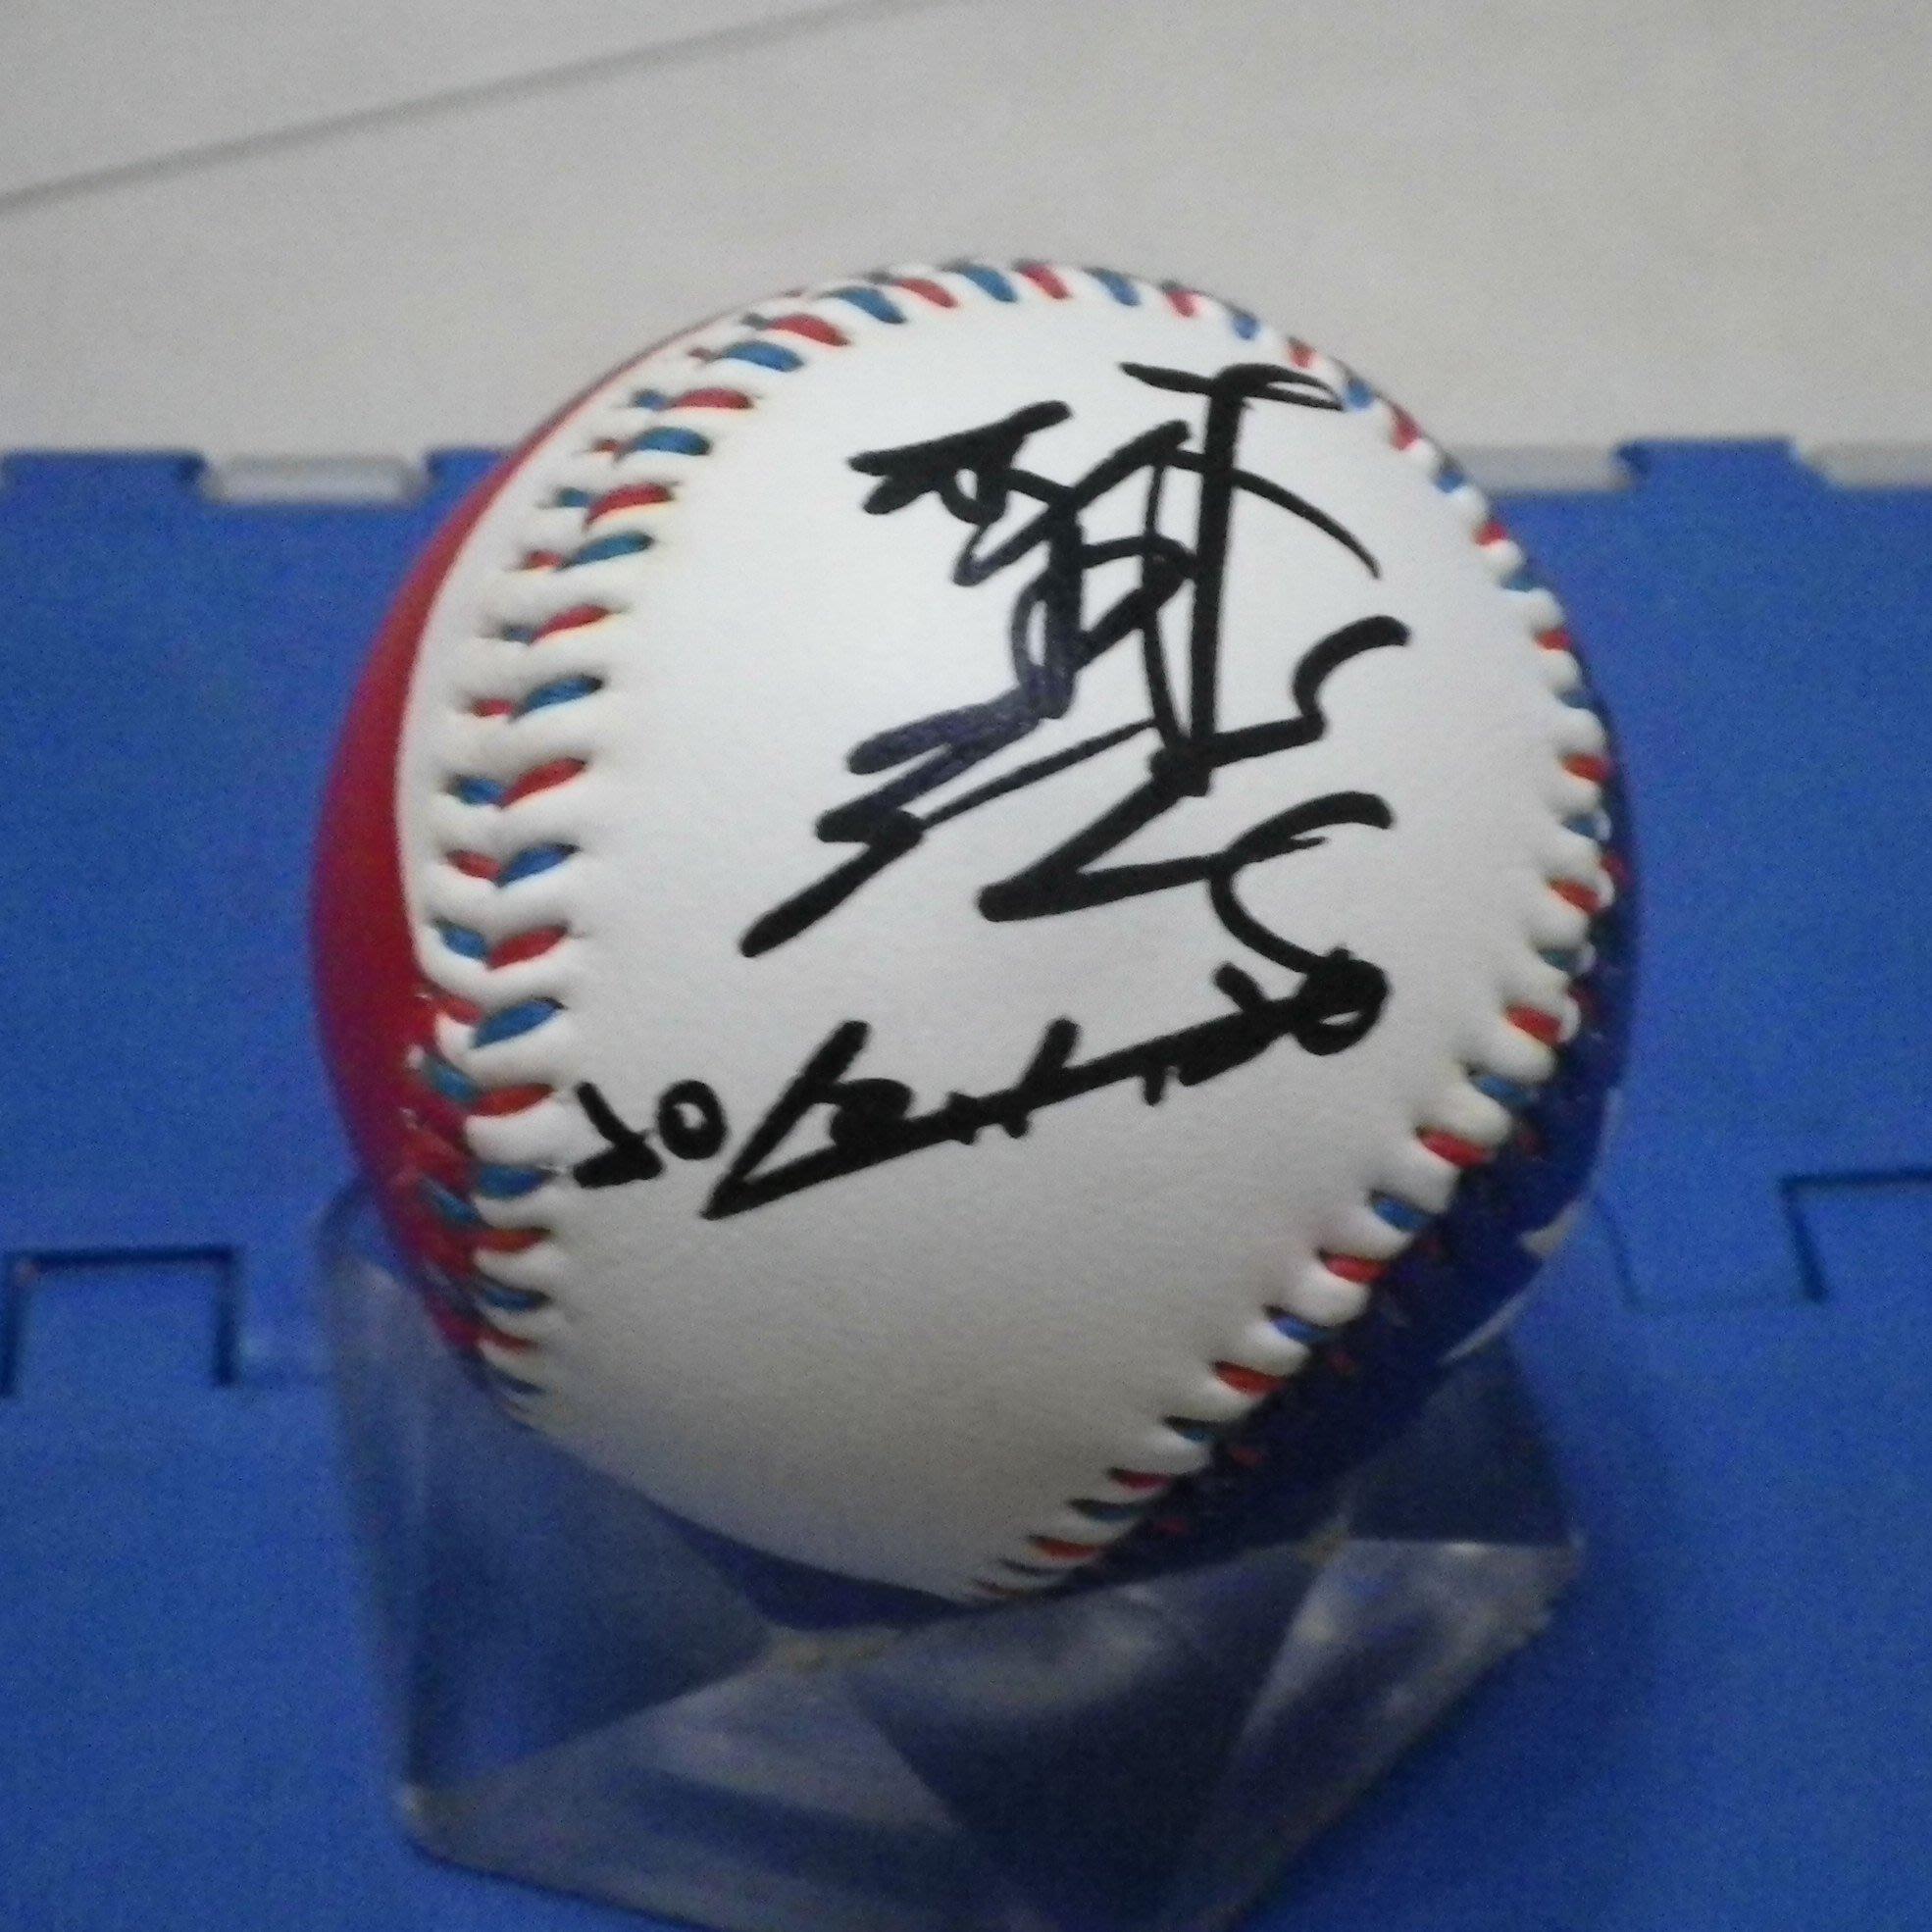 棒球天地--超級絕版--林恩宇 加簽2010-01-20 簽名新版國旗浮雕球.字跡漂亮..